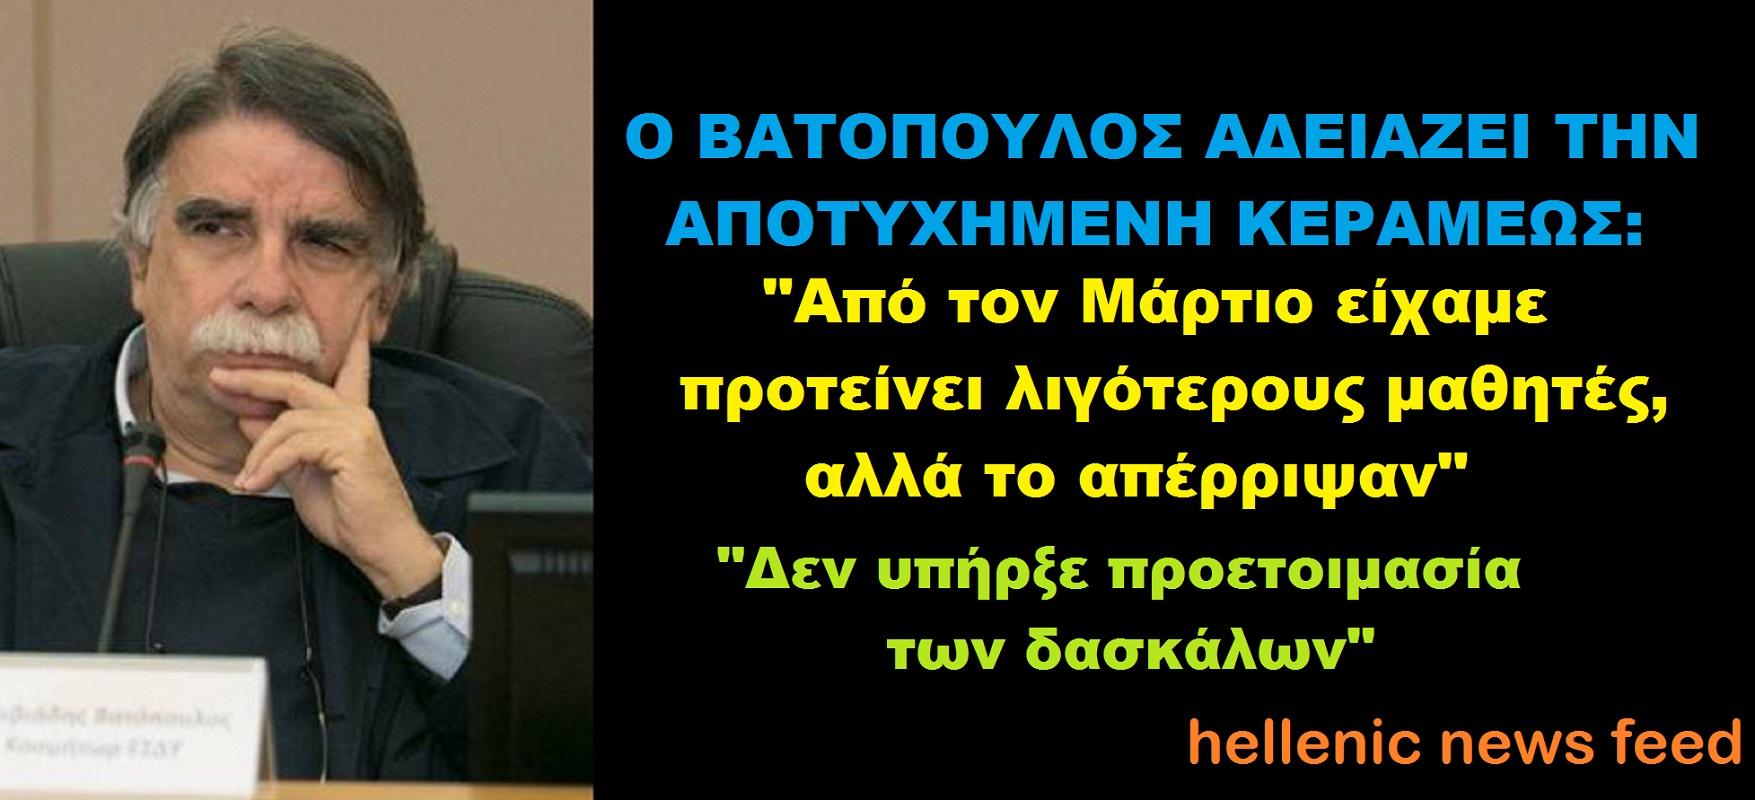 Ο Βατόπουλος άδειασε την Κεραμέως: Προτείναμε λιγότερους μαθητές και απορρίφθηκε – Σύγχυση με μάσκες